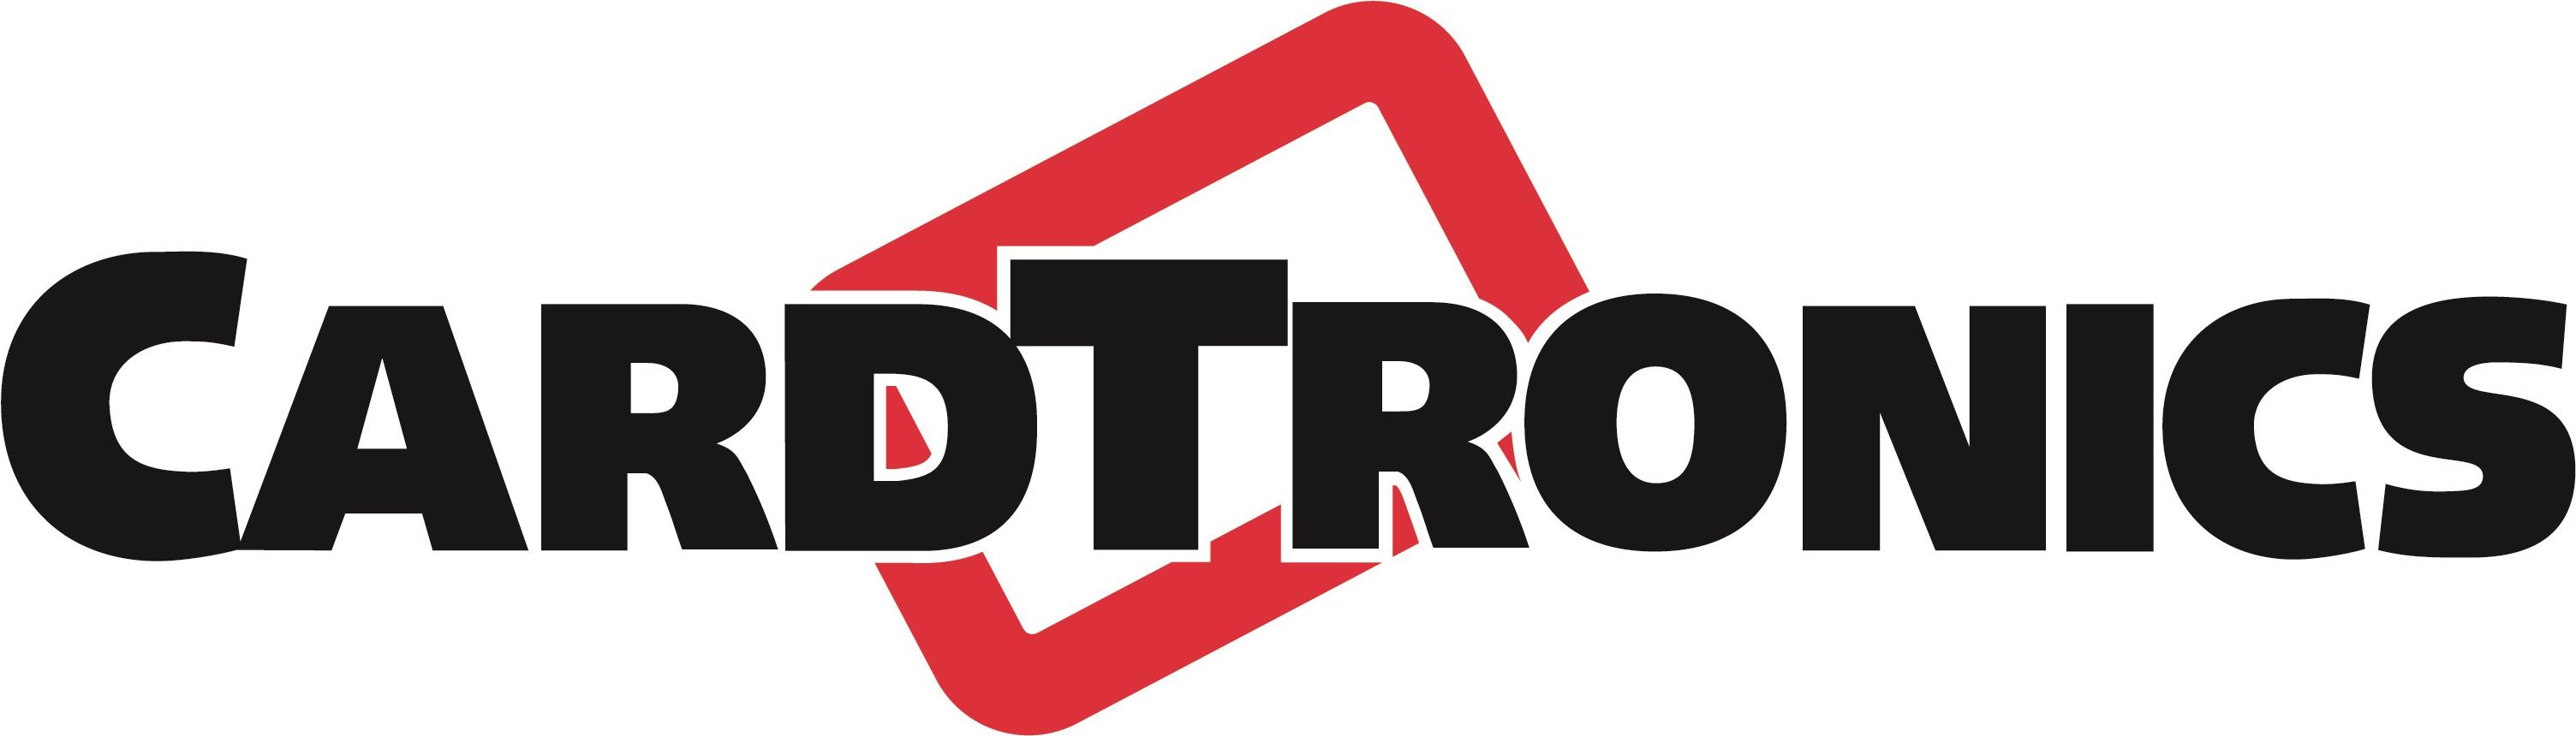 Cardtronics (NASDAQ:CATM) Company Logo